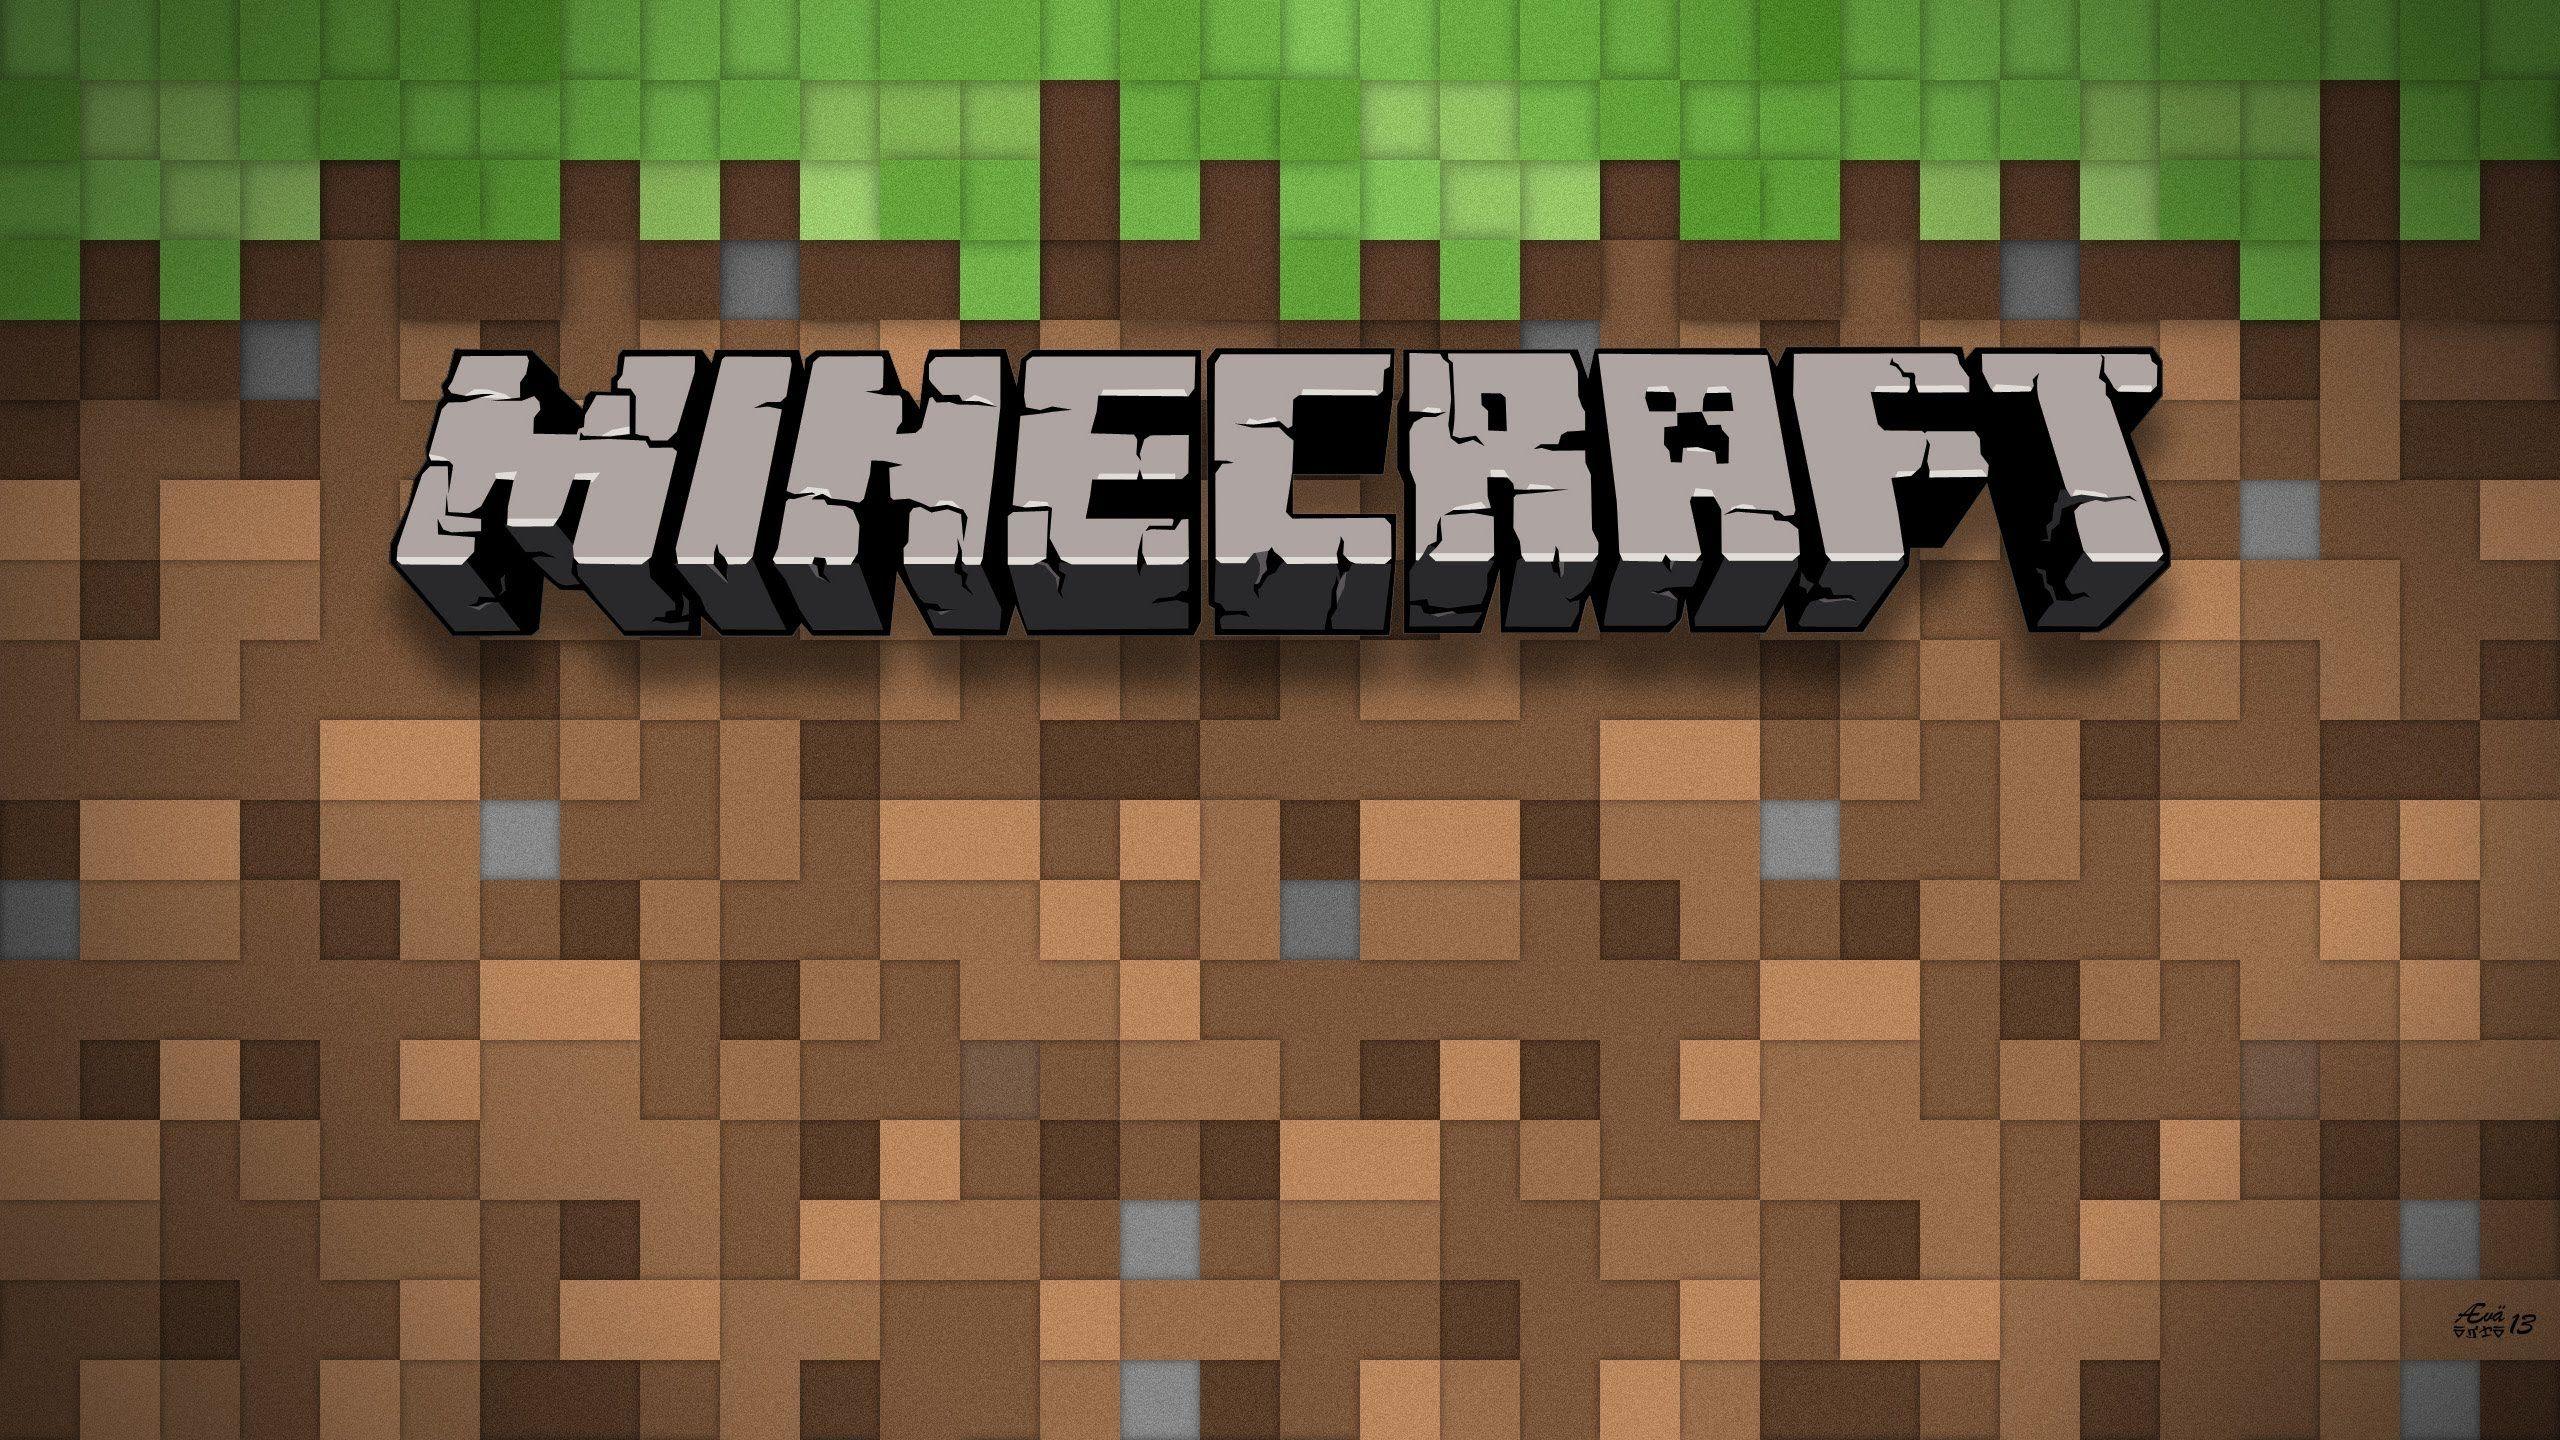 Minecraft free download 1 13